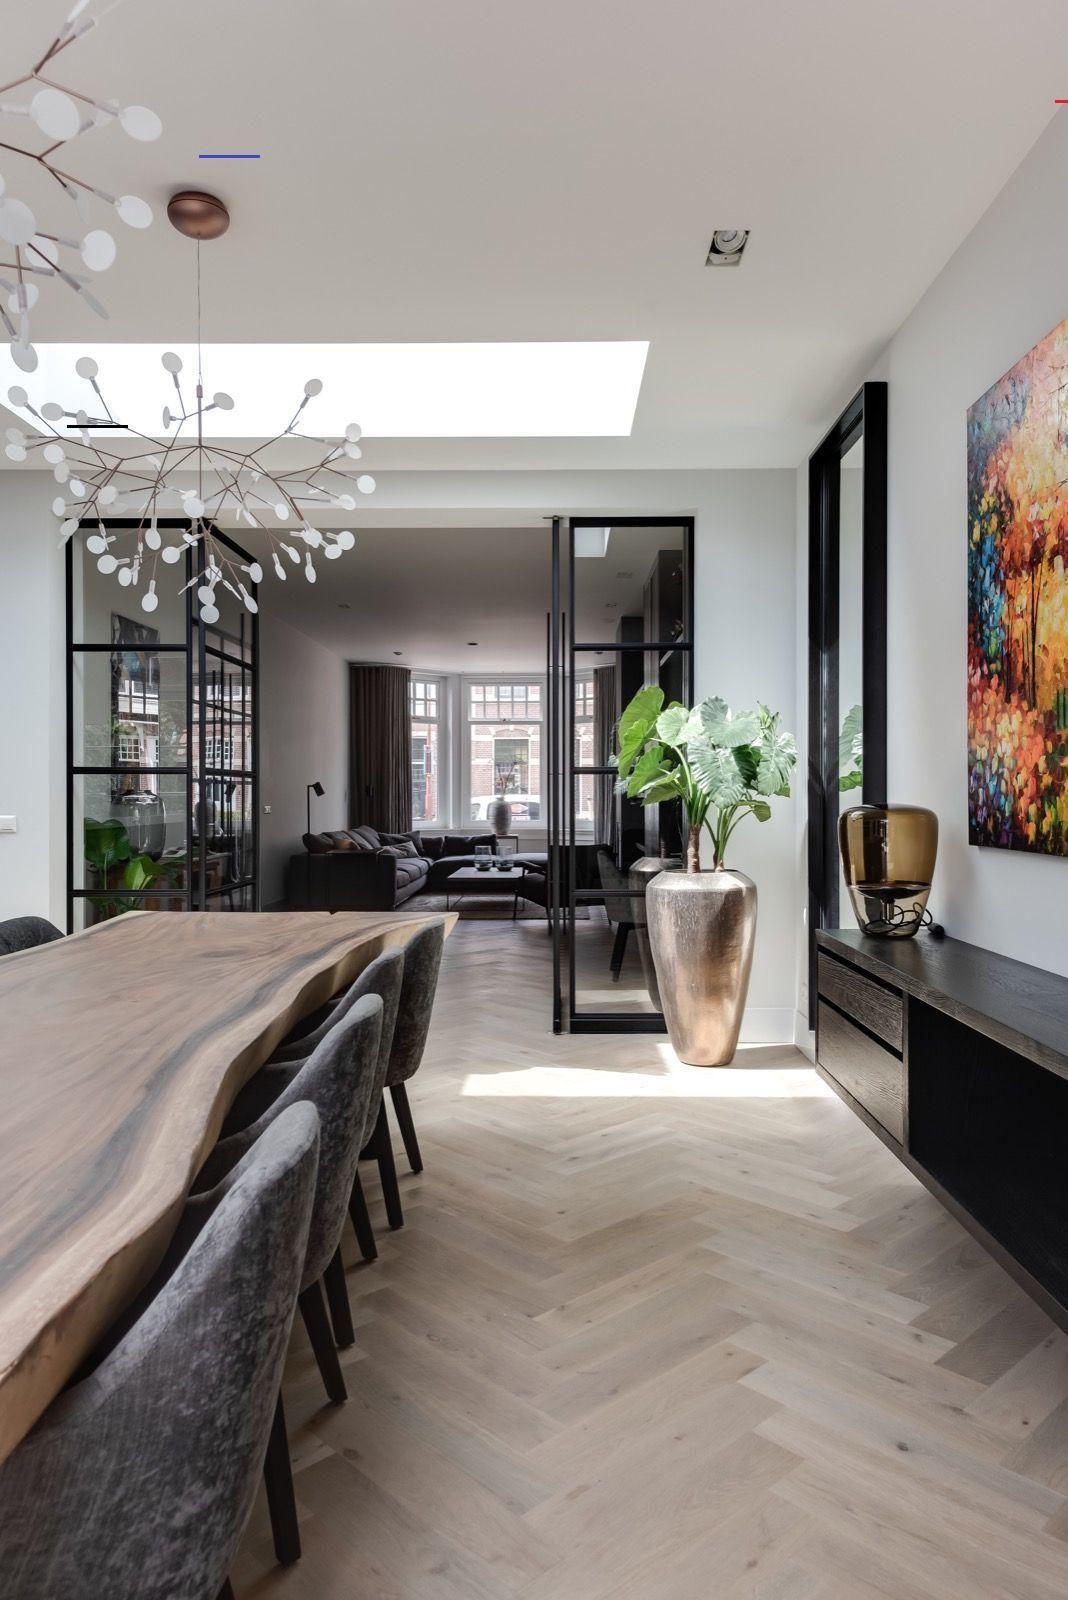 interiordesigntips in 6  Modern houses interior, Modern home